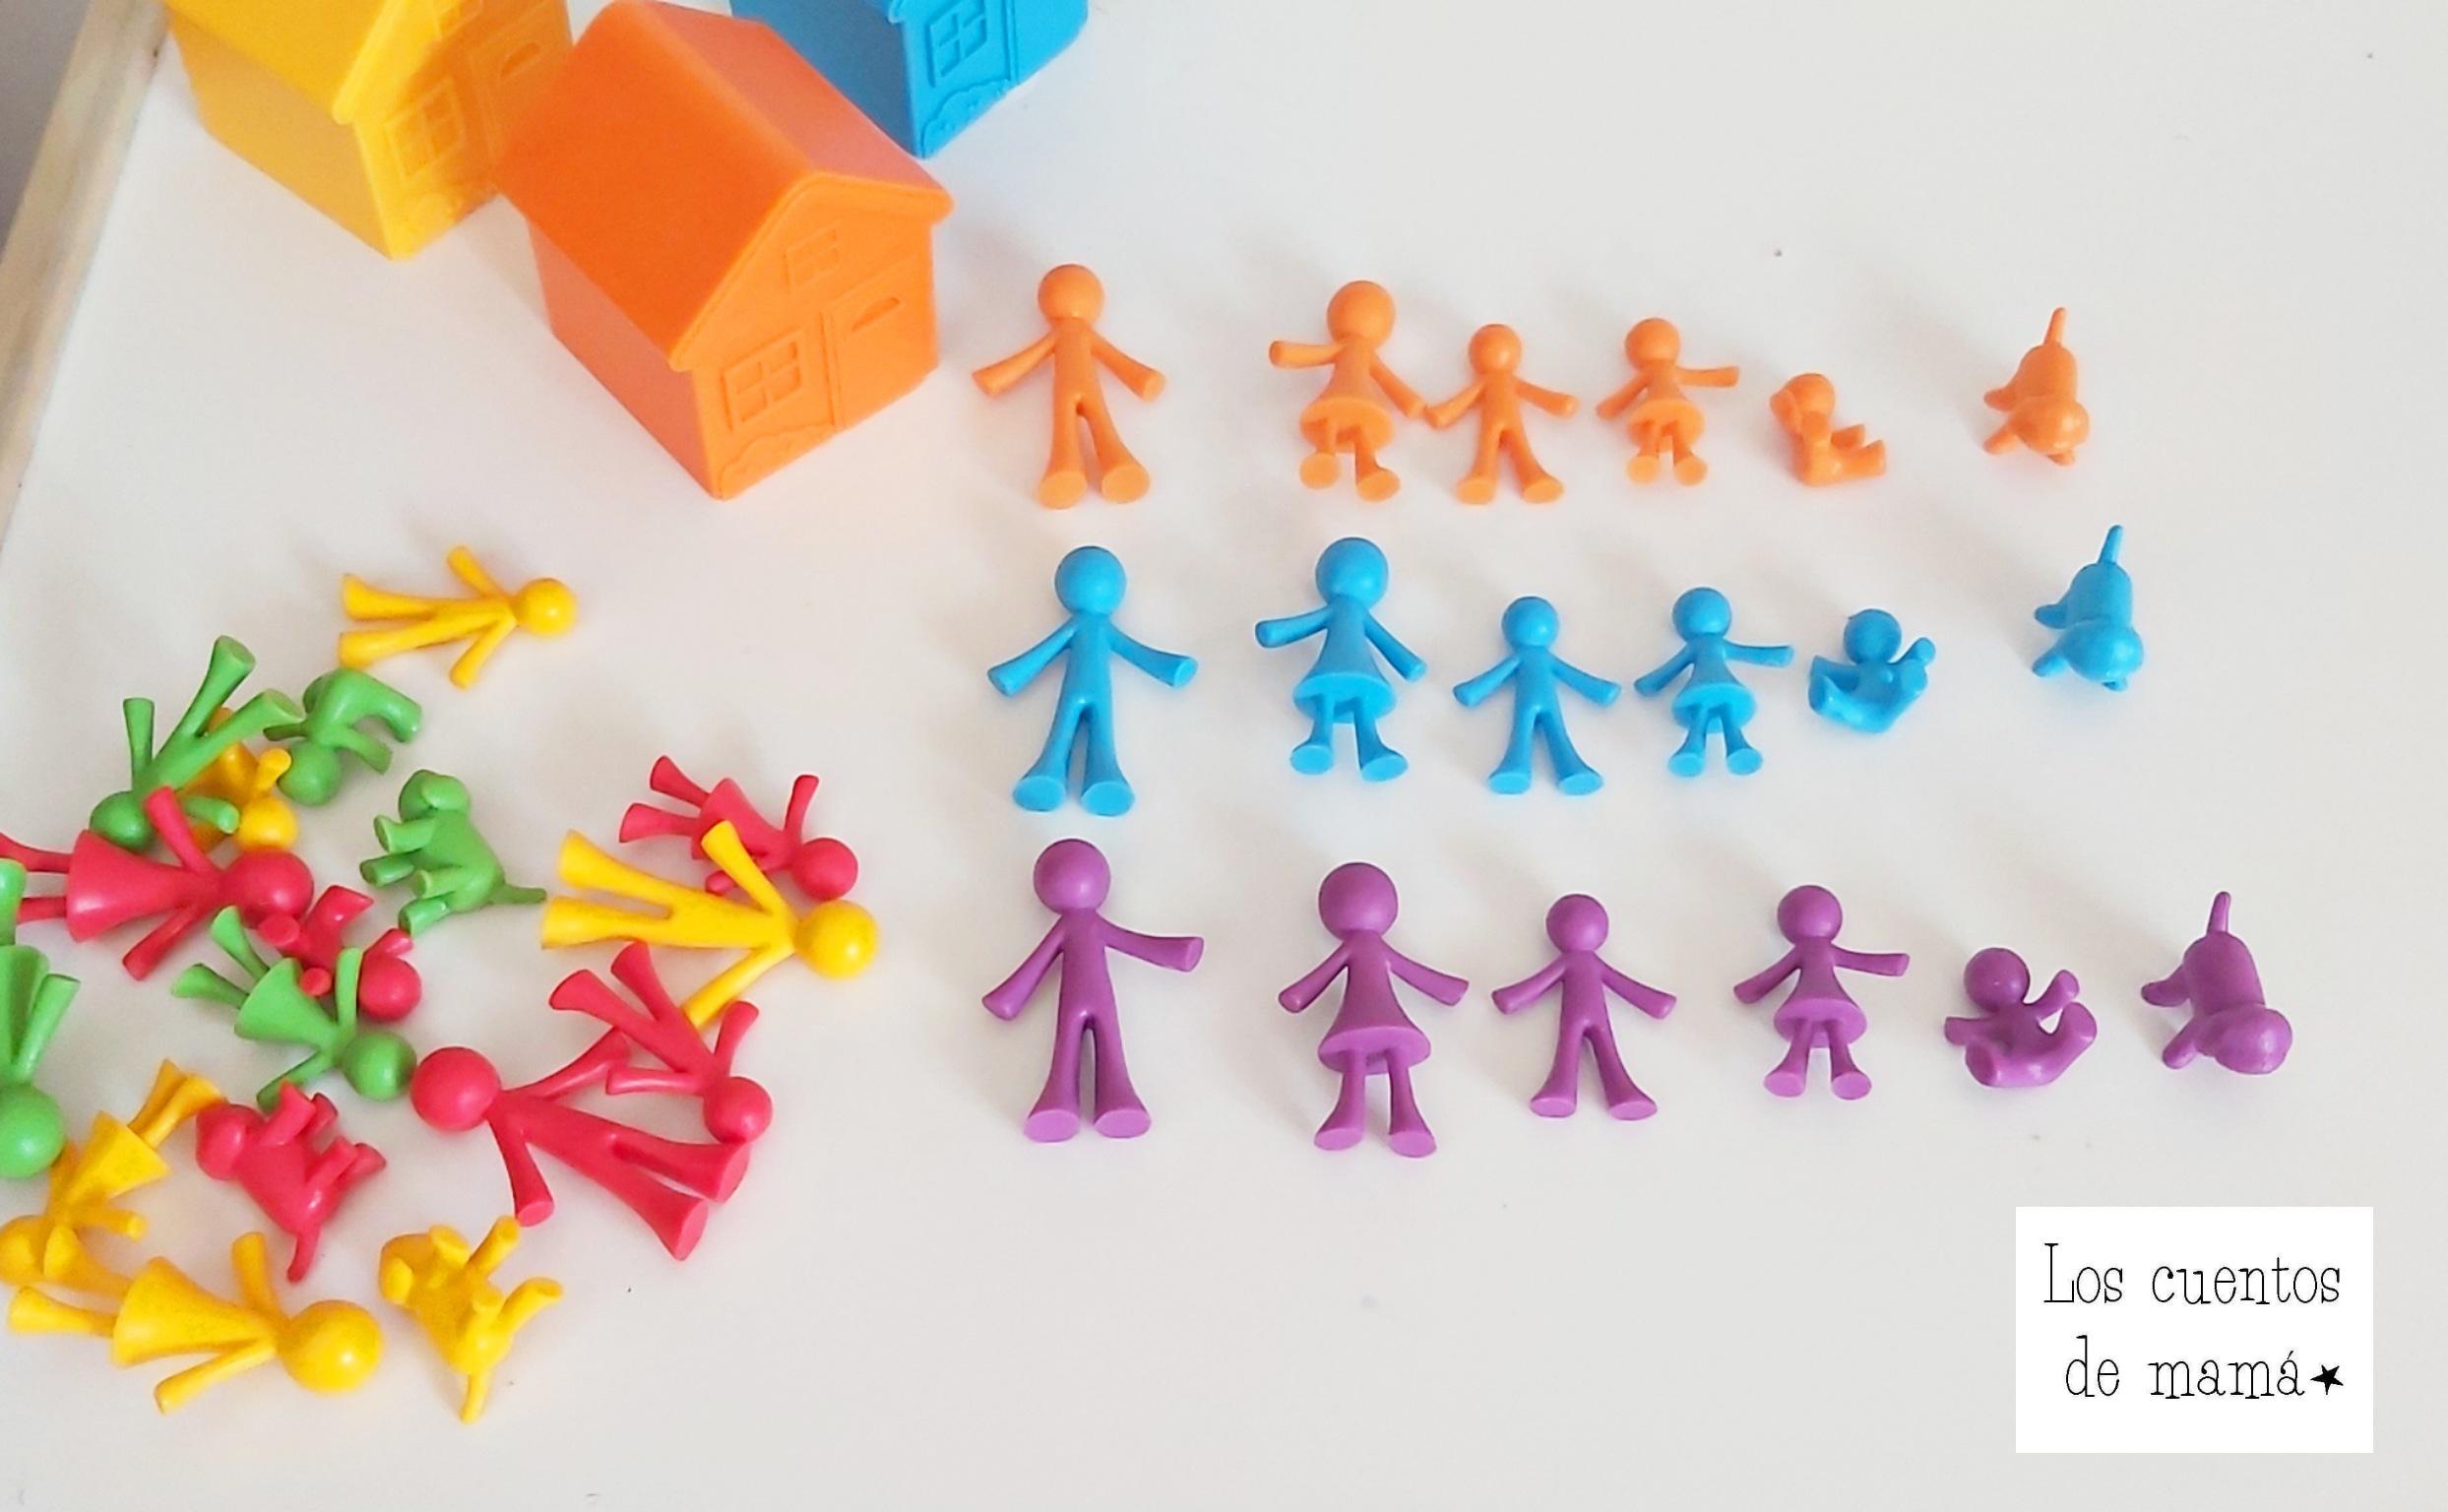 juguetes para niños educativos